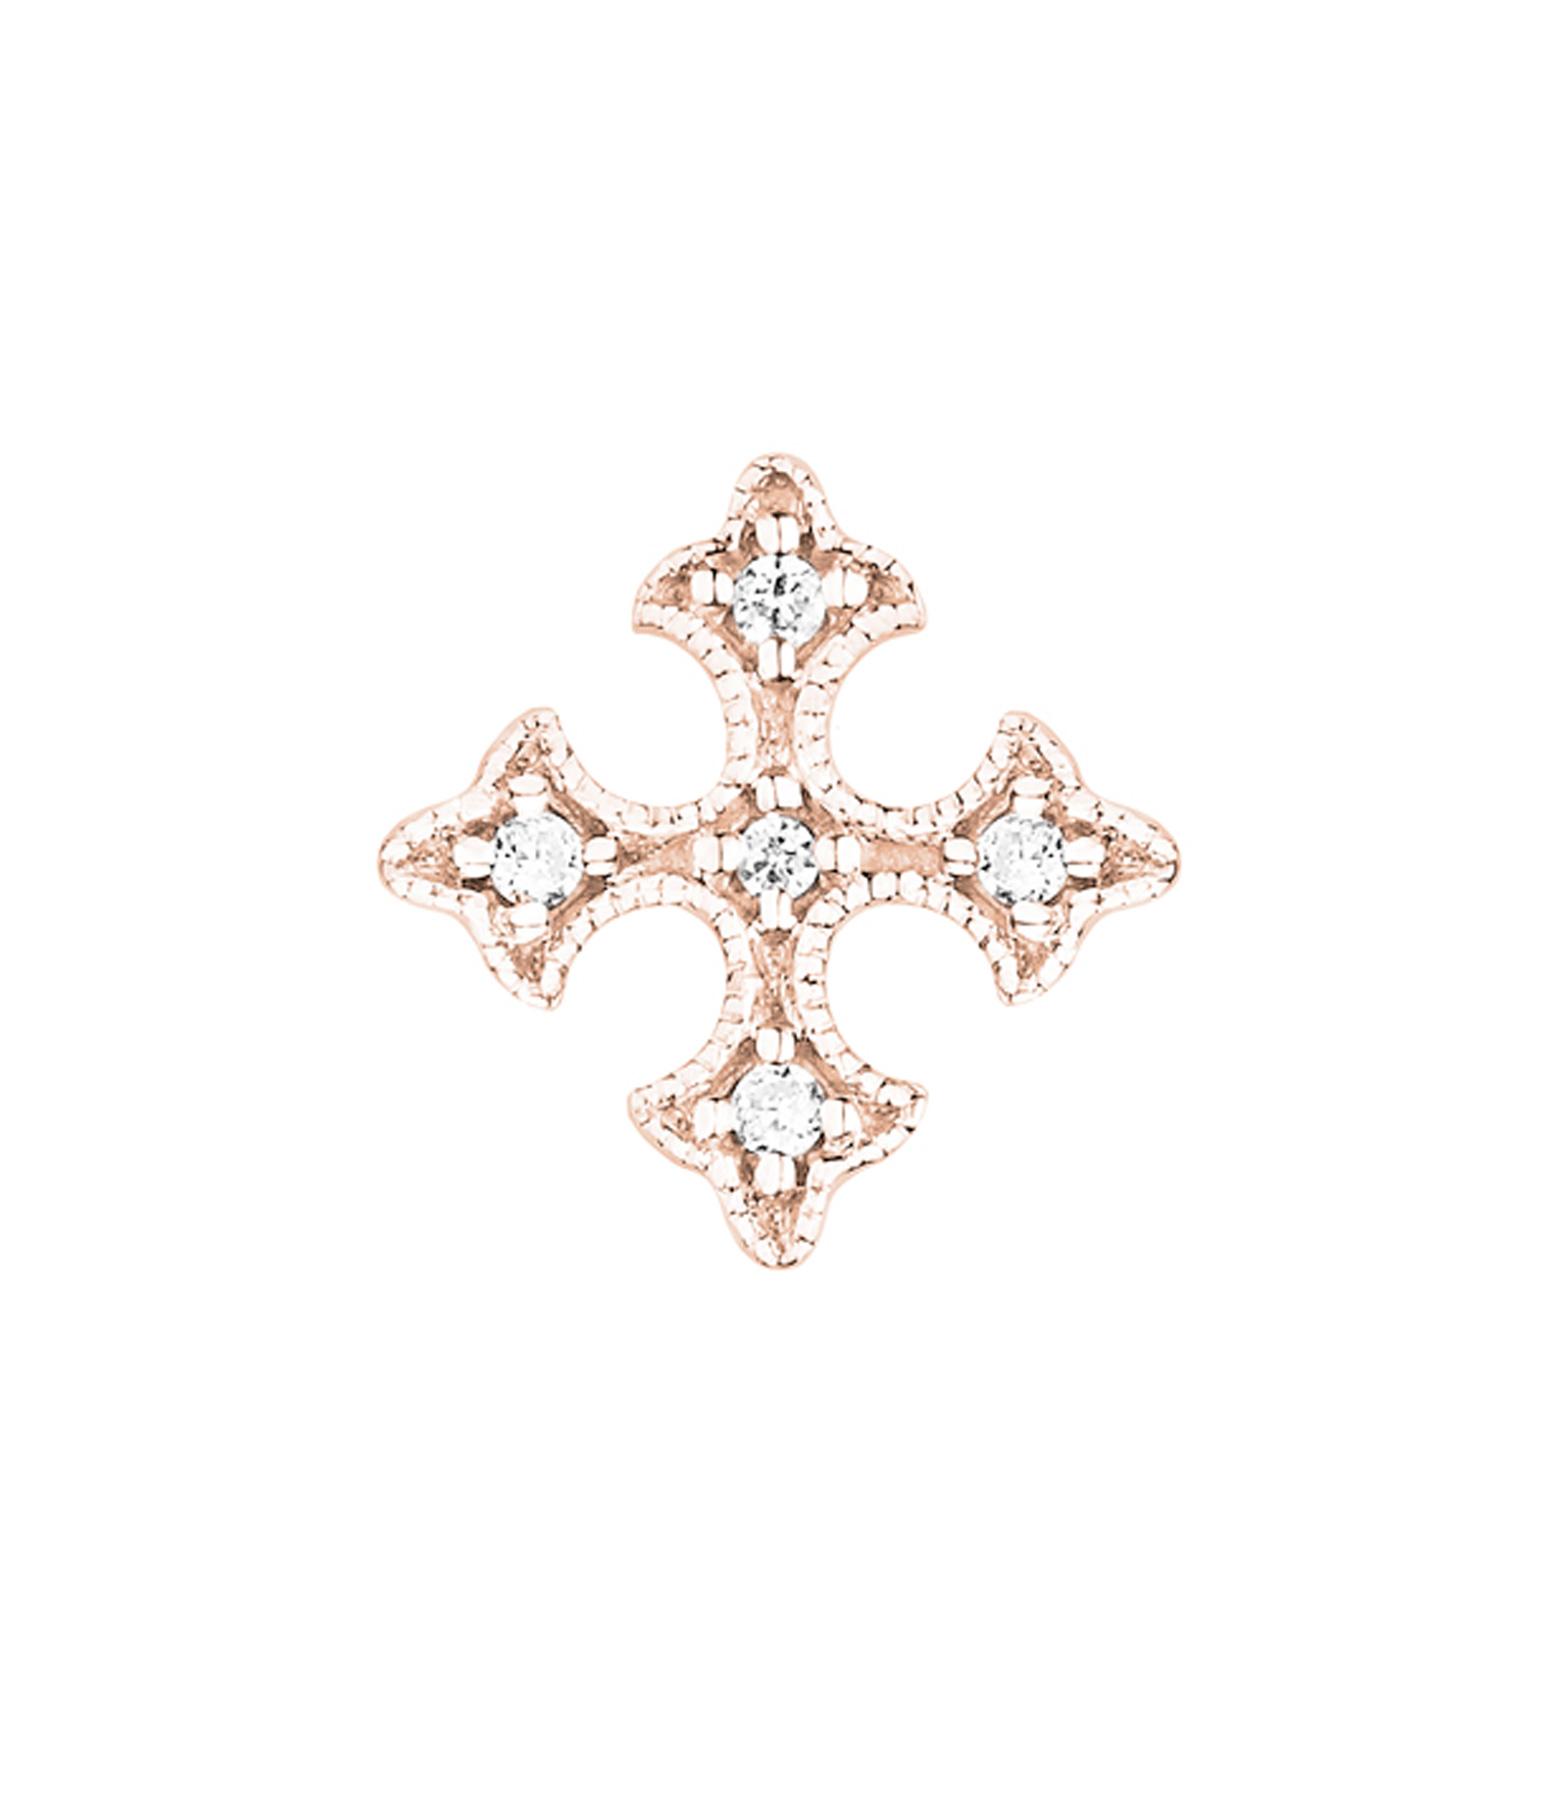 Boucle d'oreille Passion Bouton Diamants (vendue à l'unité)